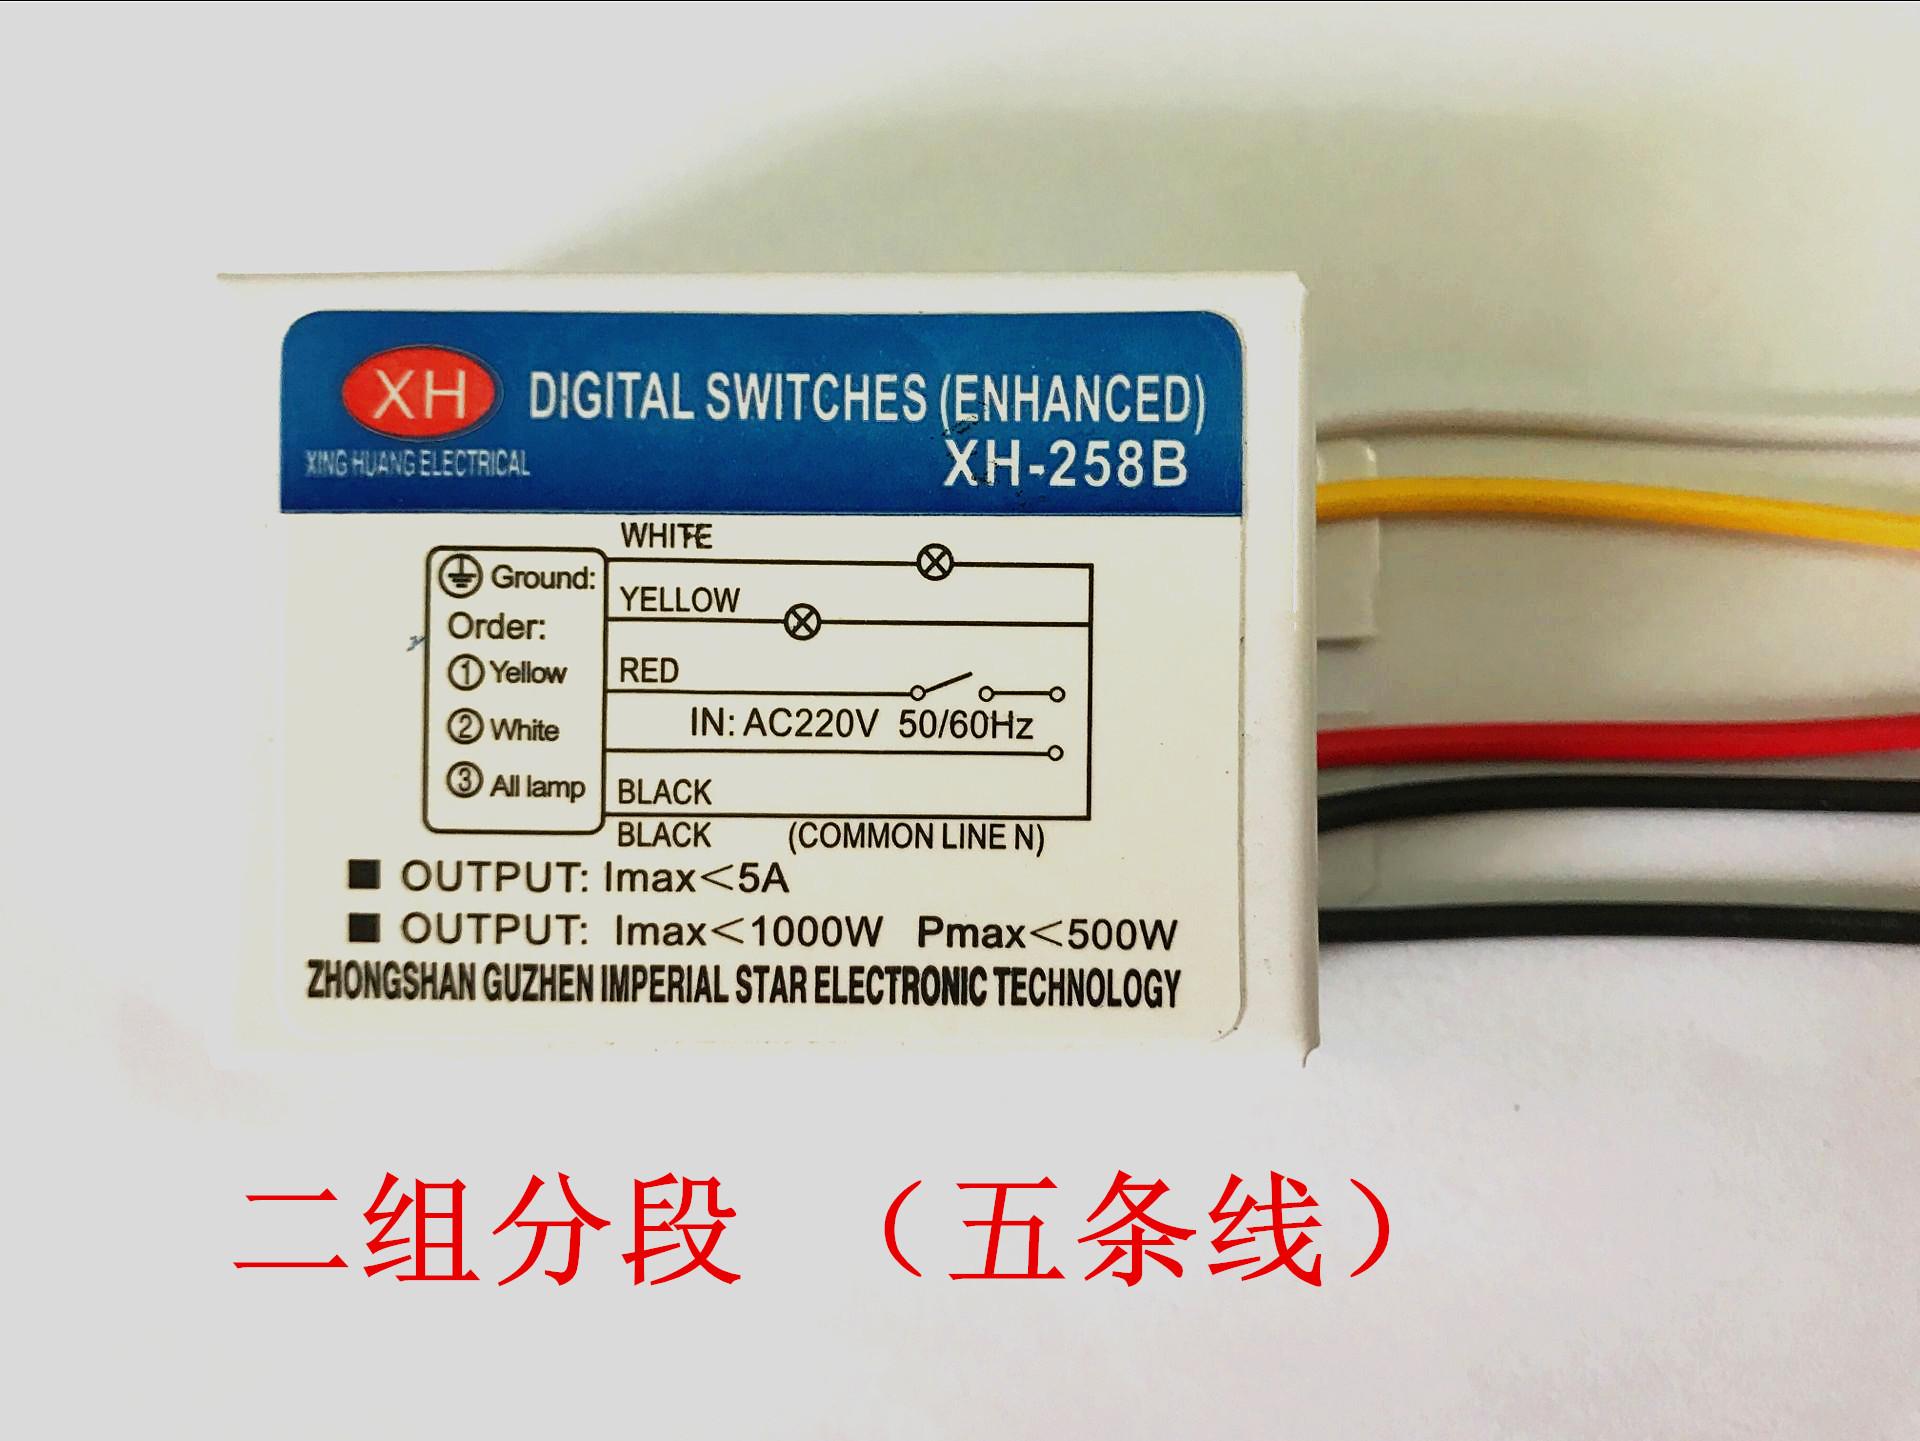 無線デジタル分段スイッチの一二/三四式のLEDのリビングルーム、シャンデリア制御スイッチ